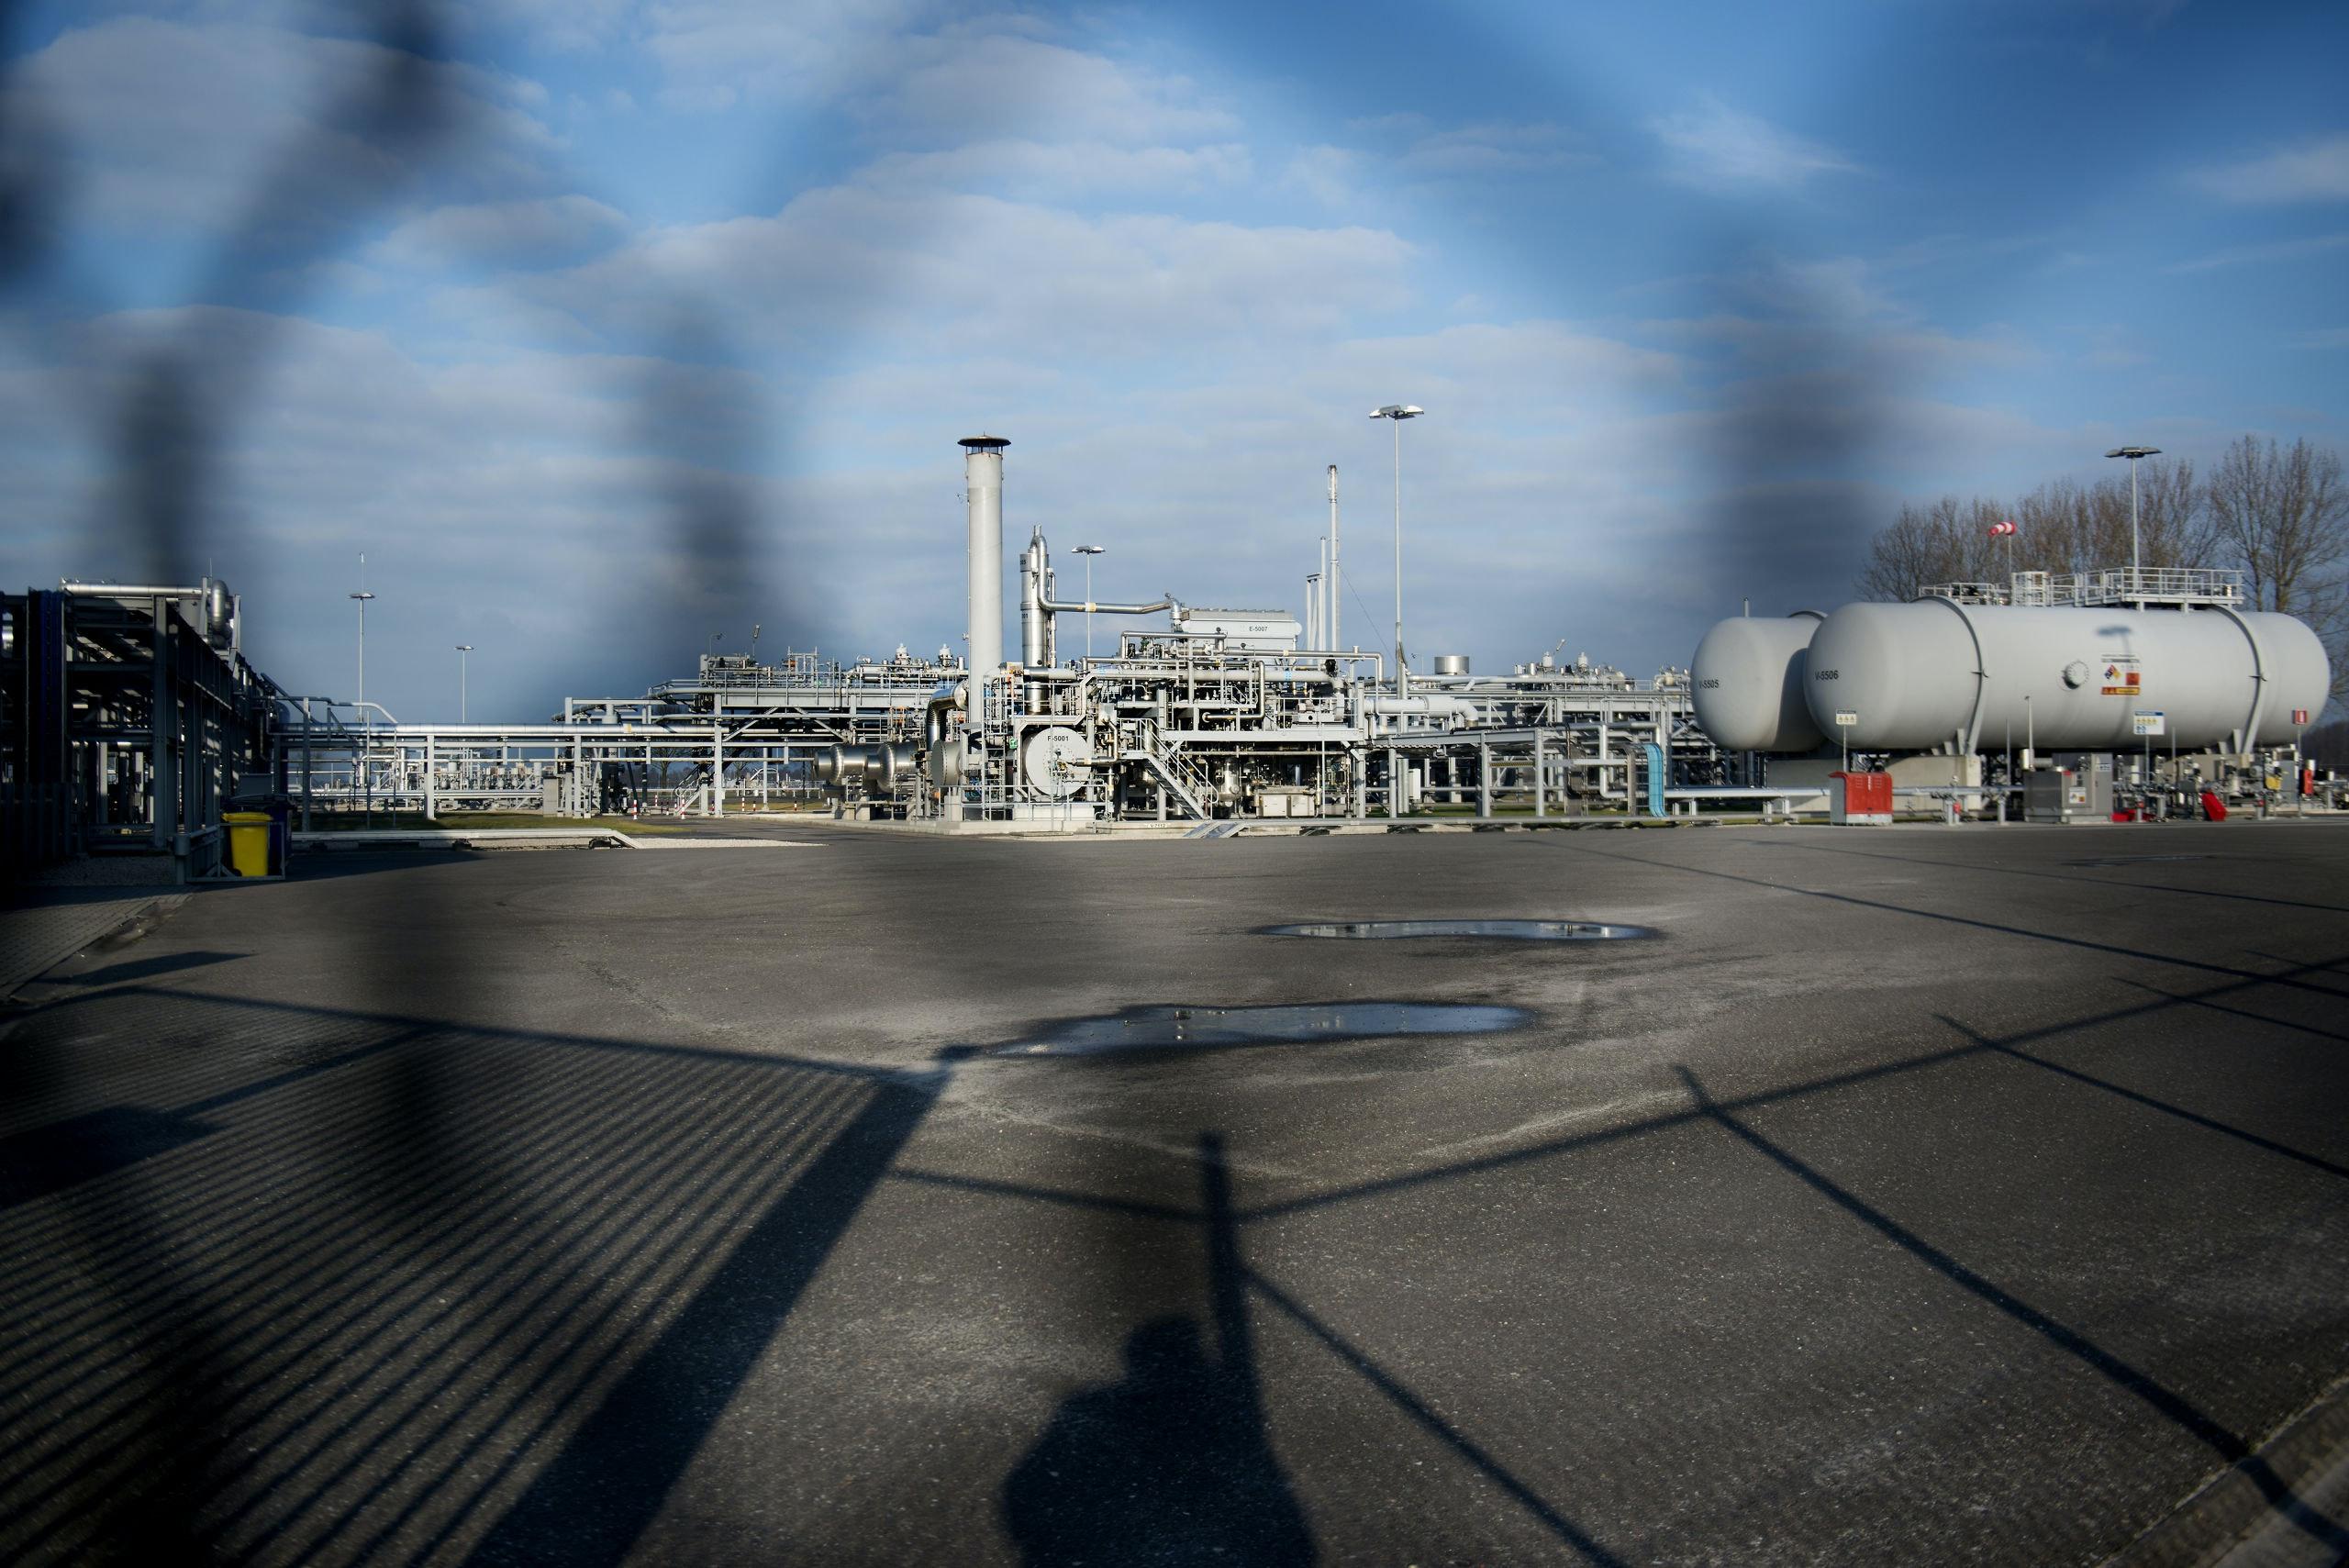 Nederland, Kolham (gem Slochteren), 20150122 De Nederlandse Aardolie Maatschappij (half Shell half ExxonMobil) boort in het Groningen-gasveld. Met de laatste paar jaar een groeiend aantal klachten mbt aardbevingen. Foto: Kick Smeets / hollandse hoogte